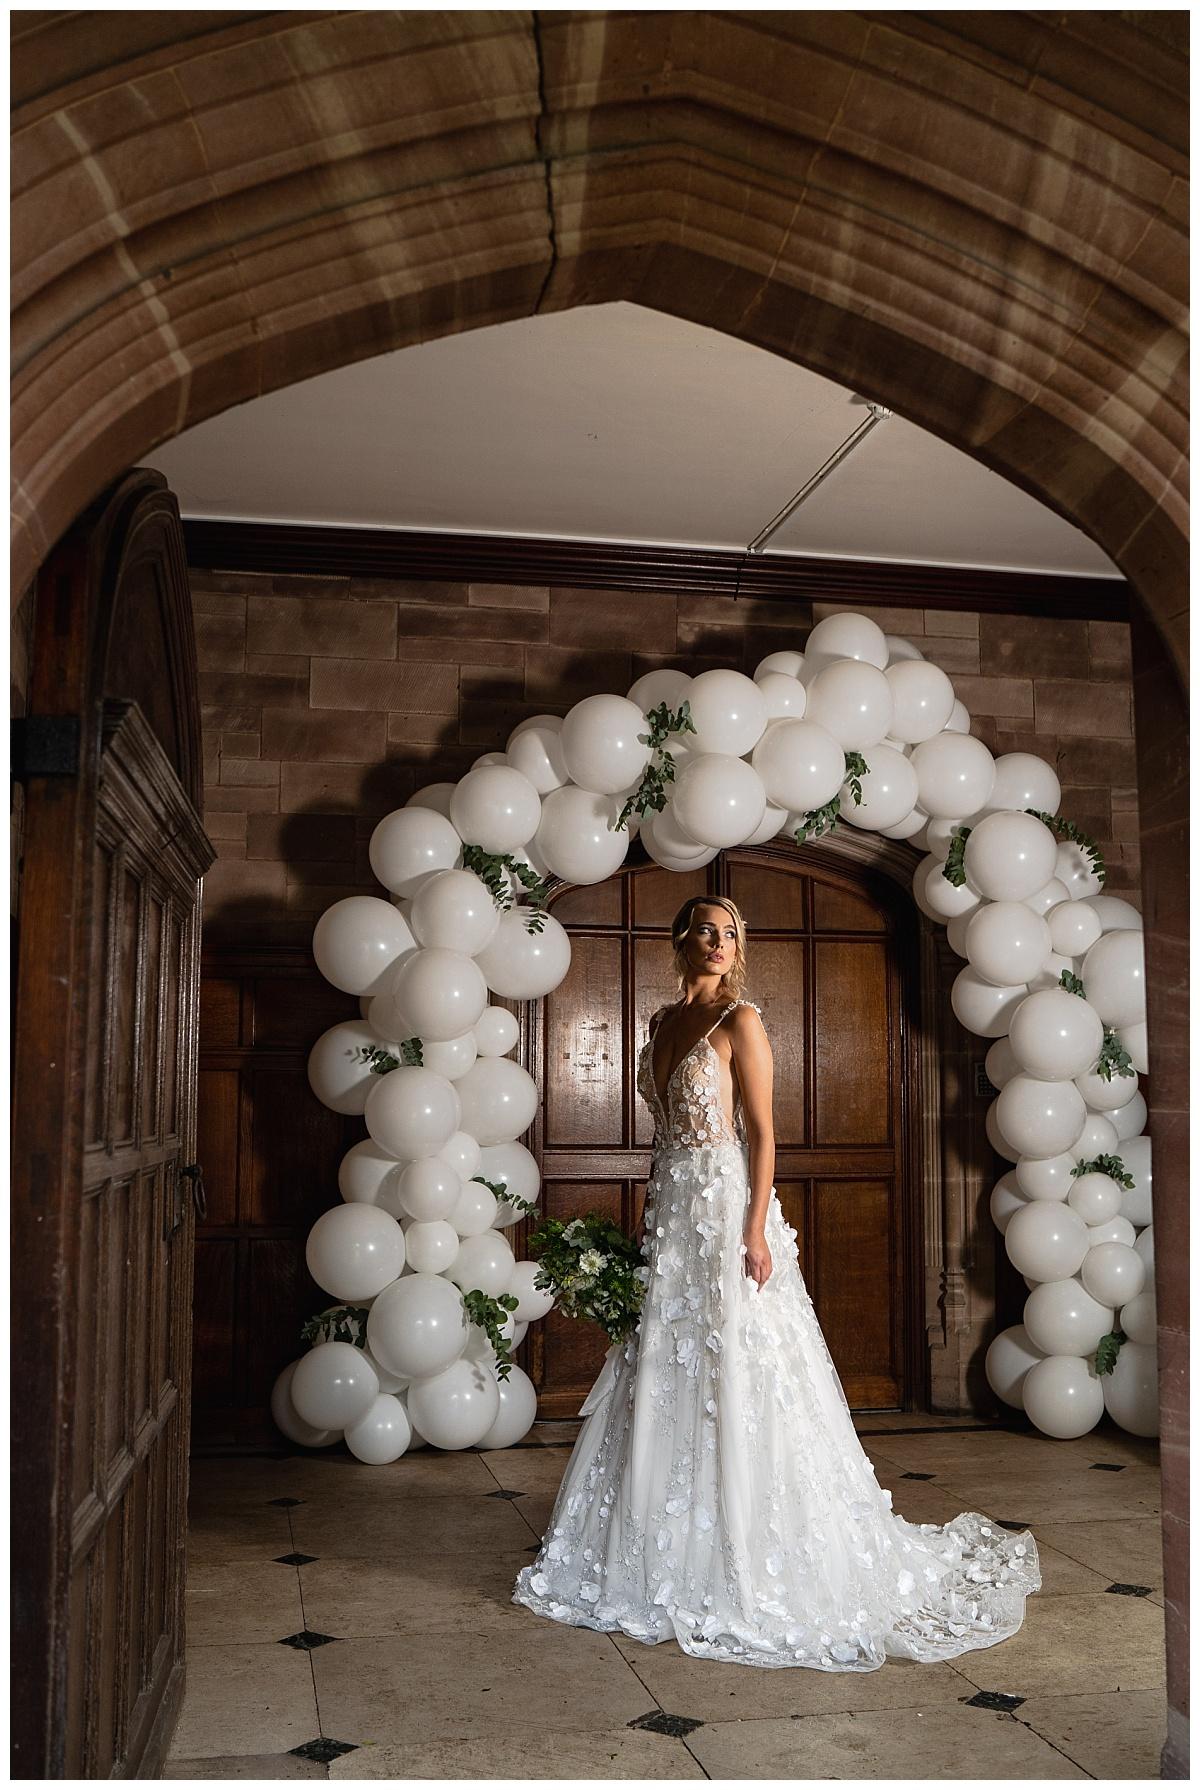 Standon Hall entrance